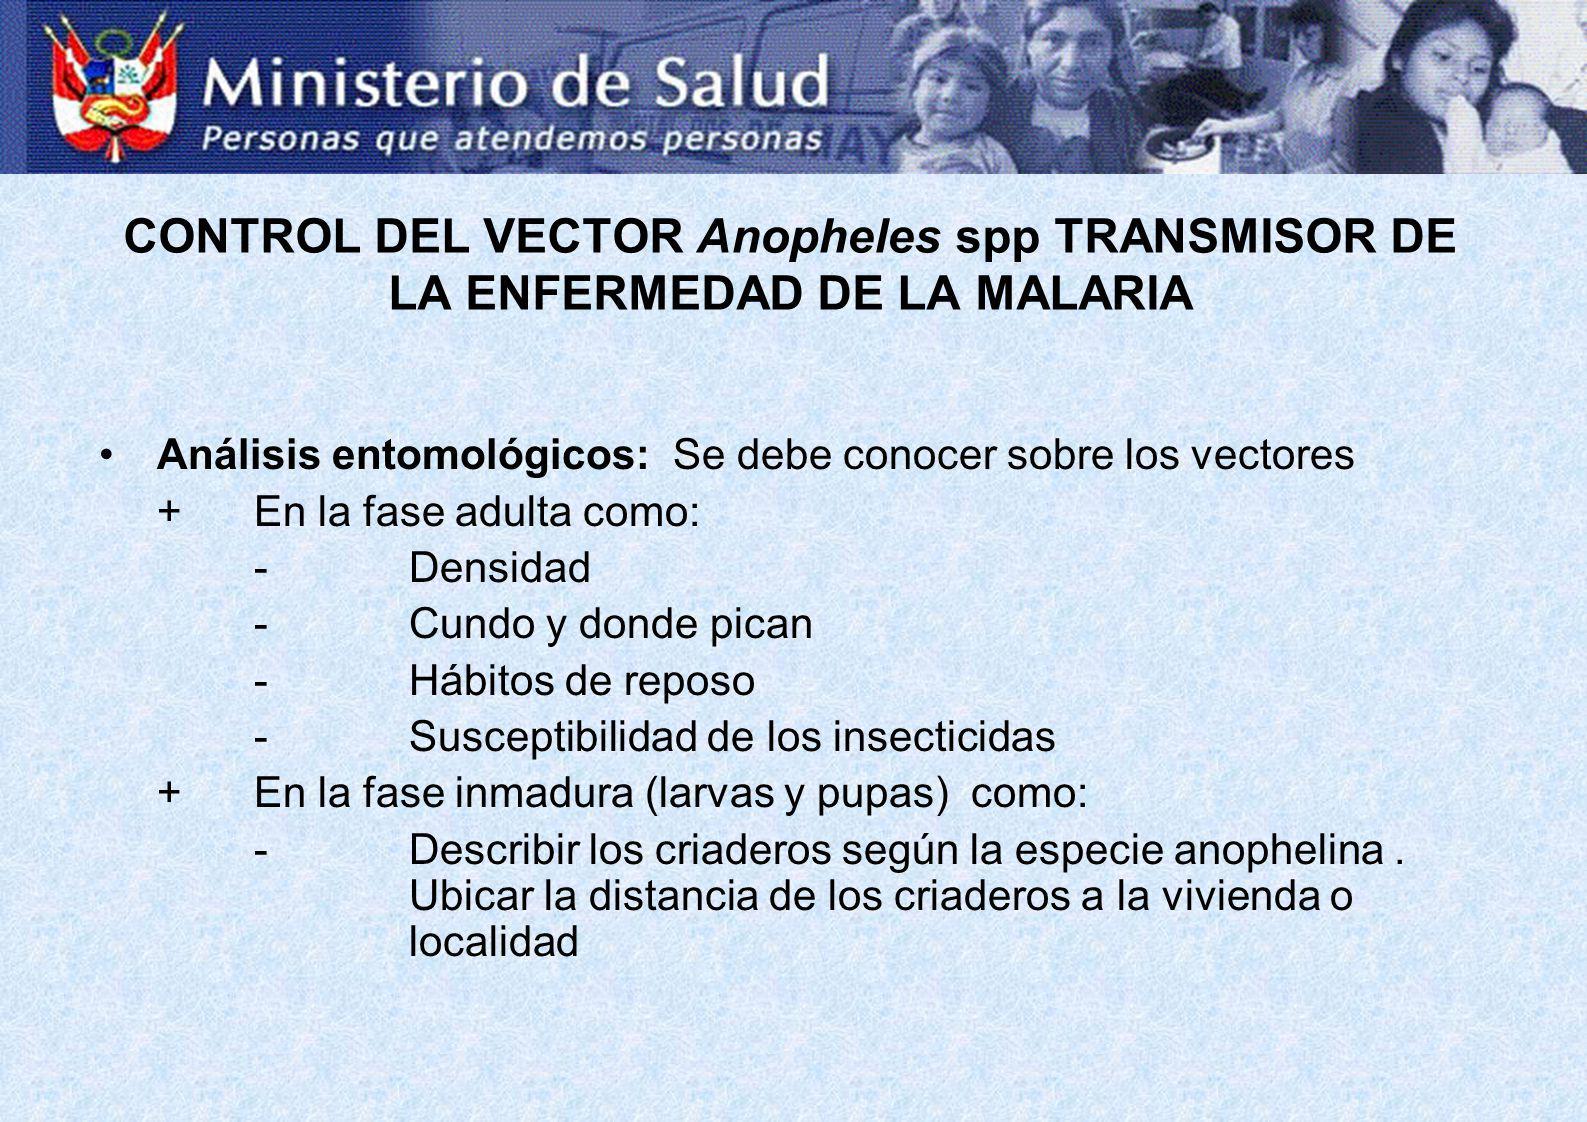 Análisis entomológicos: Se debe conocer sobre los vectores +En la fase adulta como: -Densidad -Cundo y donde pican -Hábitos de reposo -Susceptibilidad